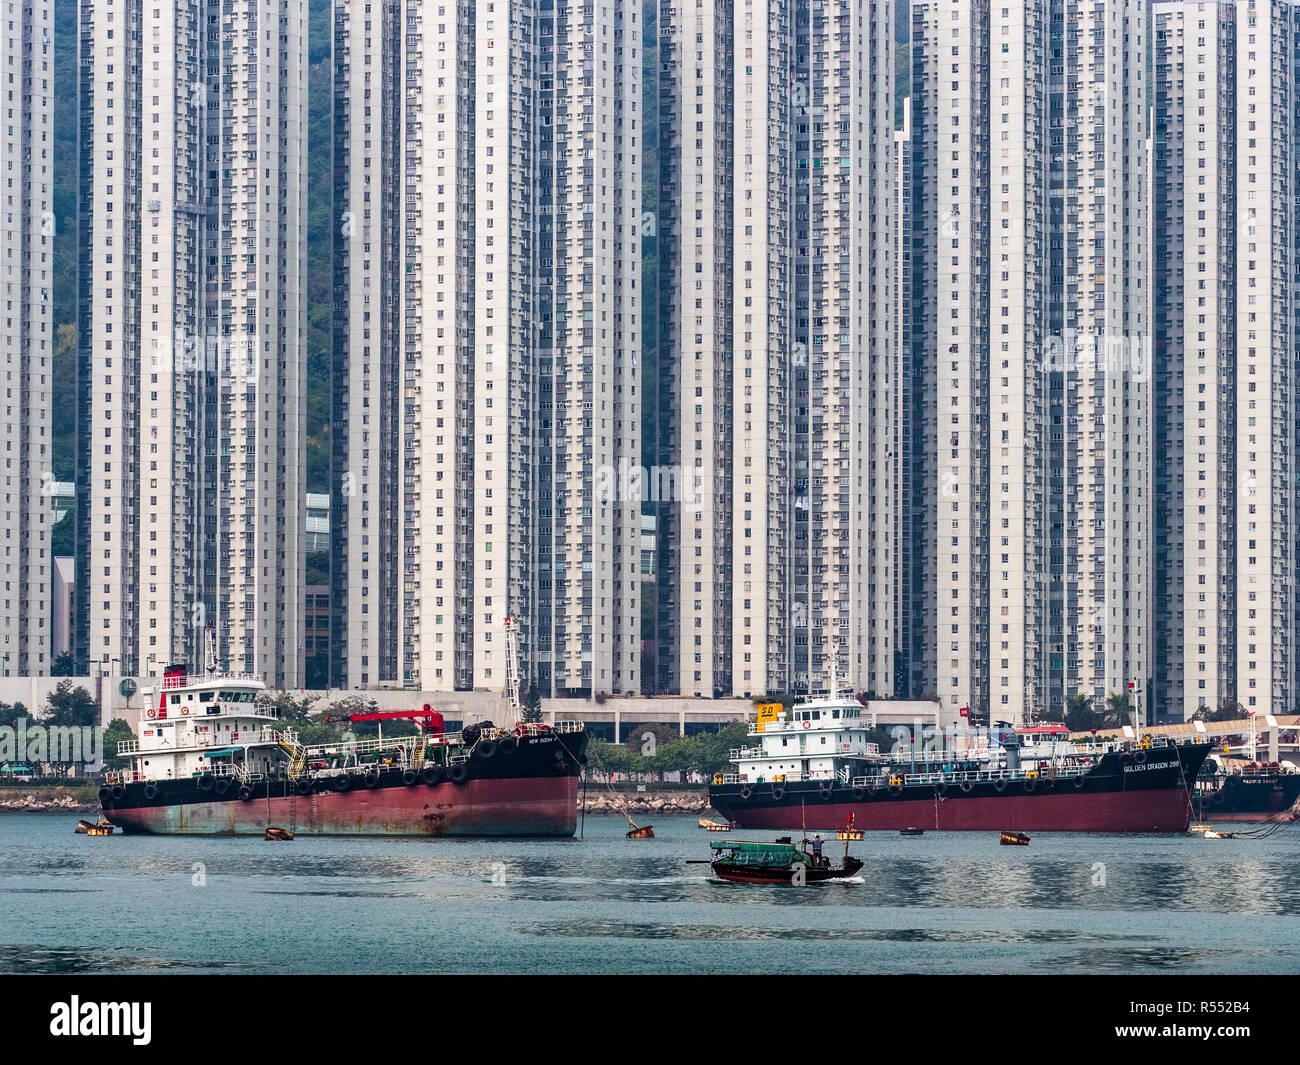 Hong Kong - High Density Private Housing in Belvedere Garden, Tsuen Wan, New Territories, Hong Kong,  Built between 1987 and 1991. - Stock Image